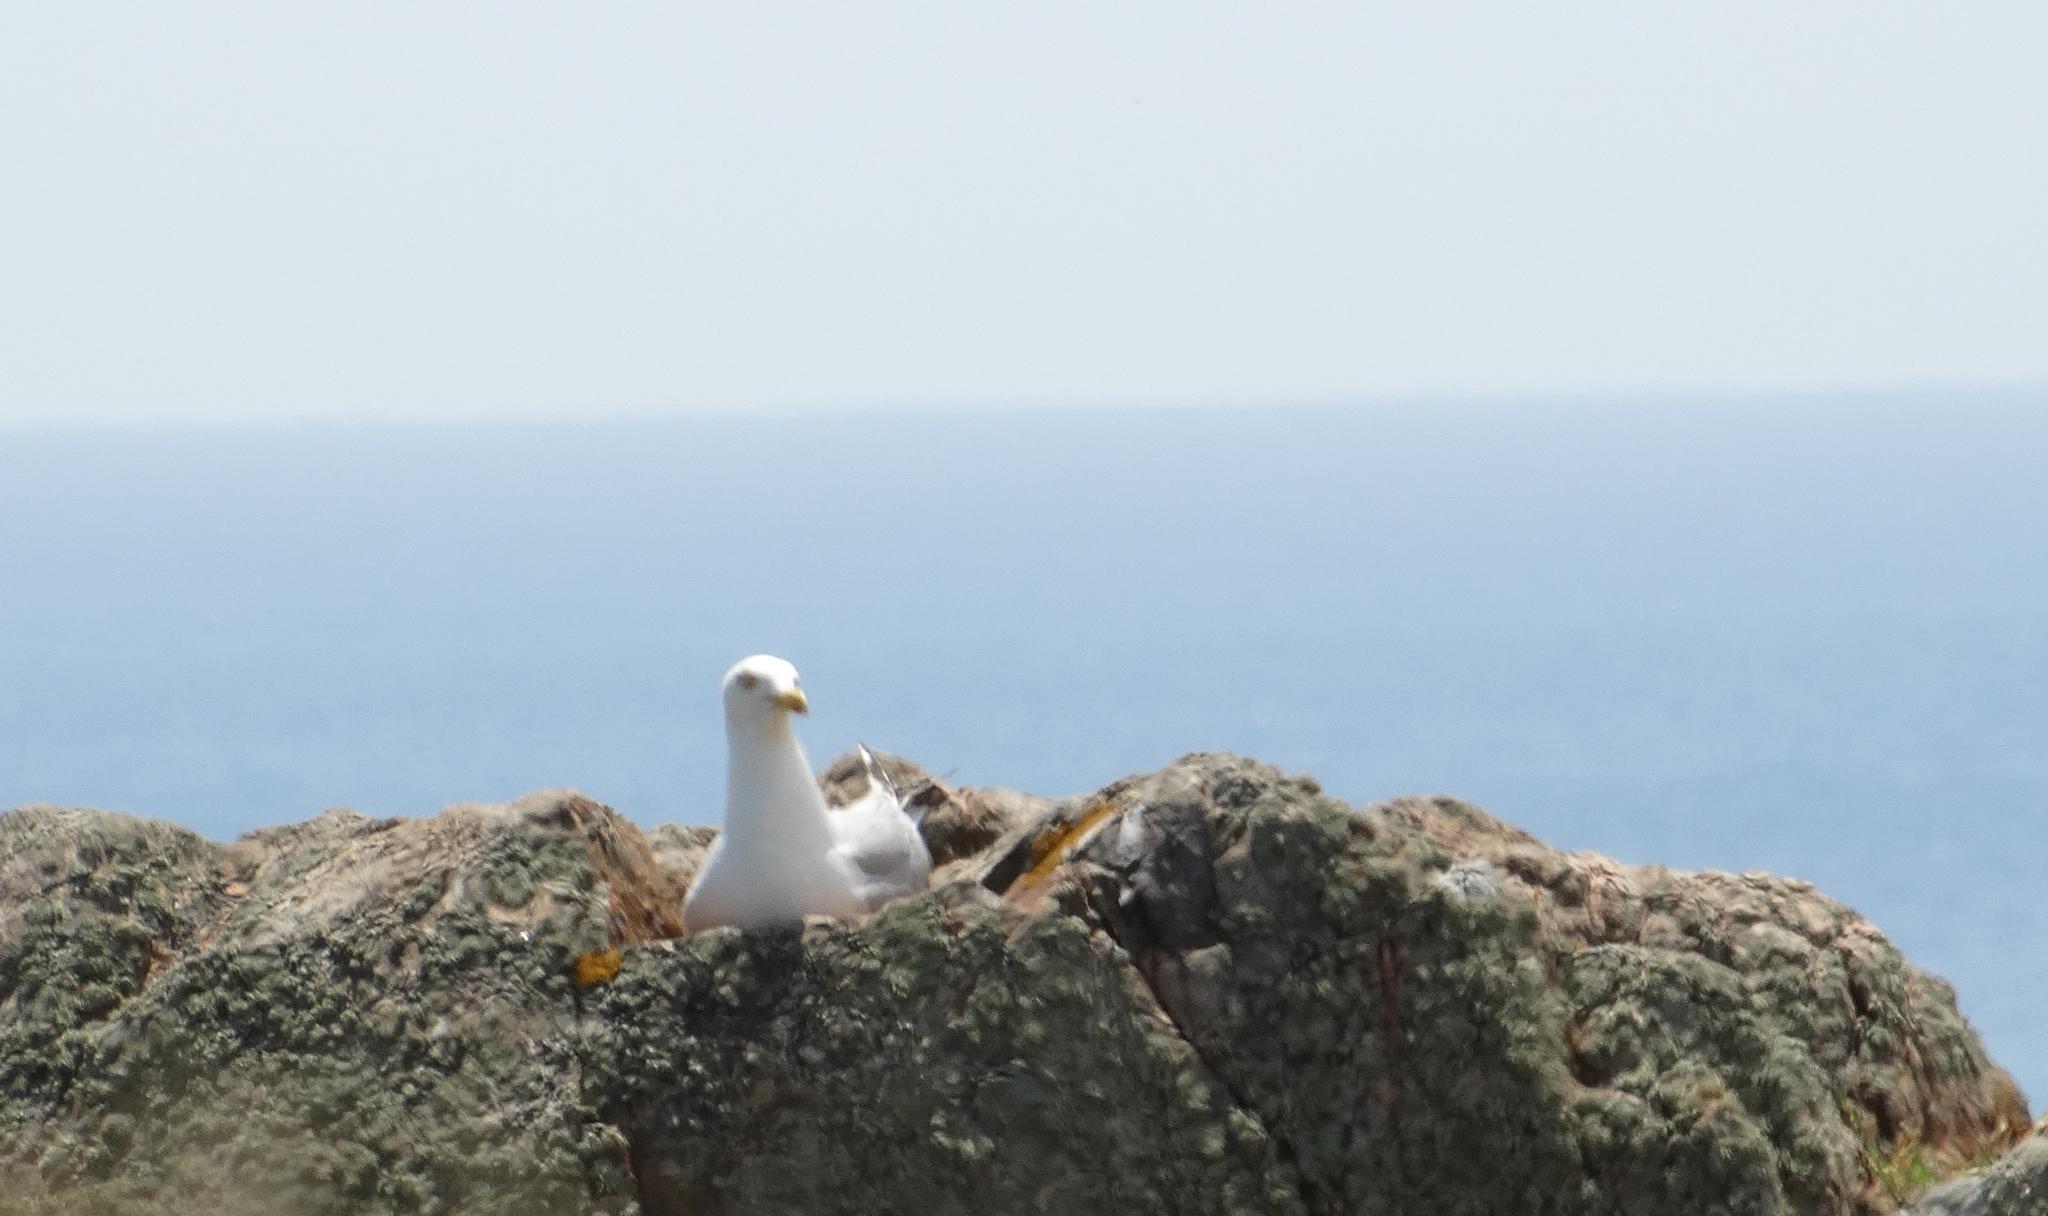 nesting seagull by wilma van heusden